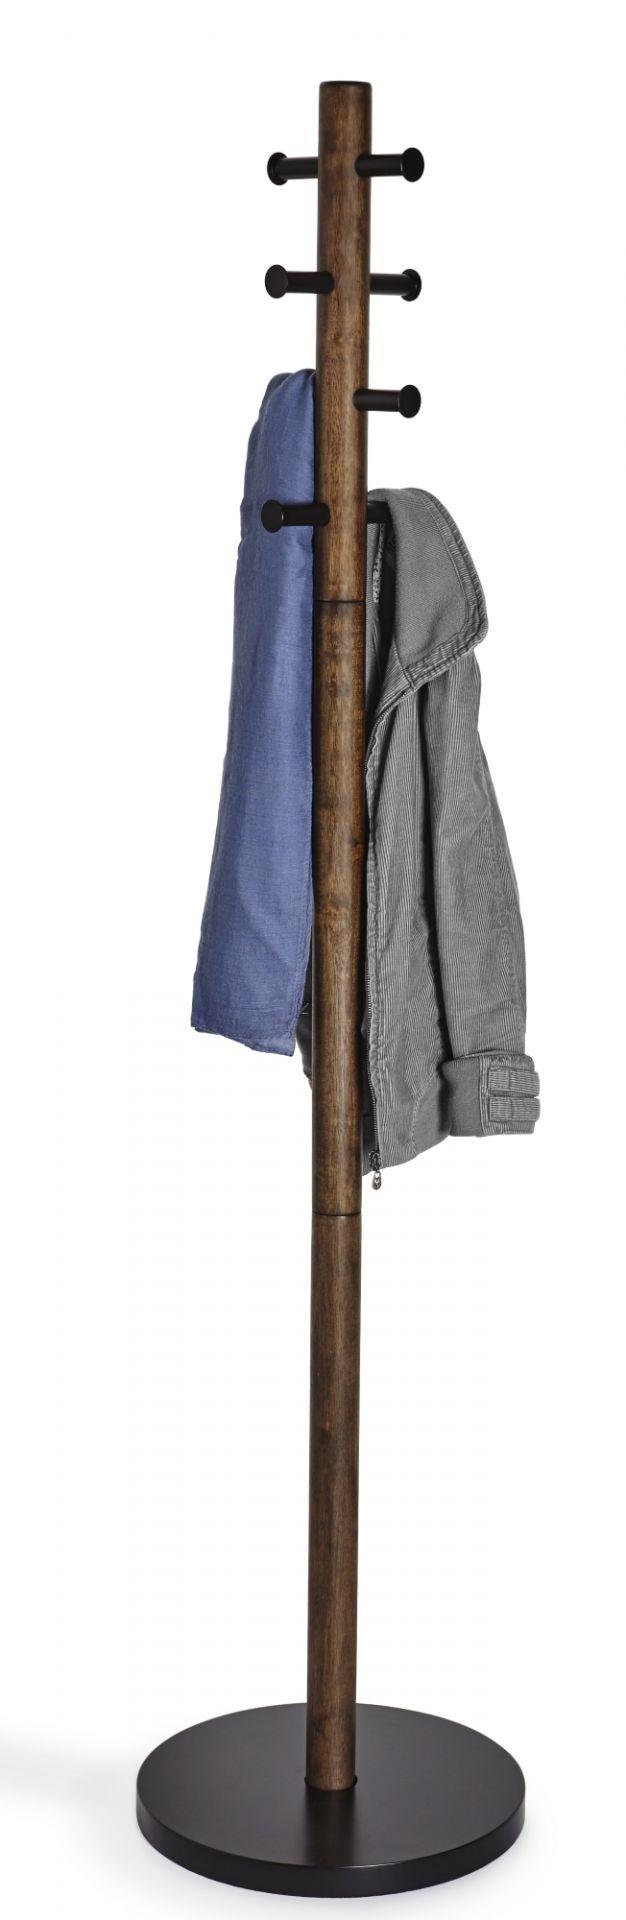 Pillar Coat Rack Garderobenständer Umbra-schwarz / nussbaum